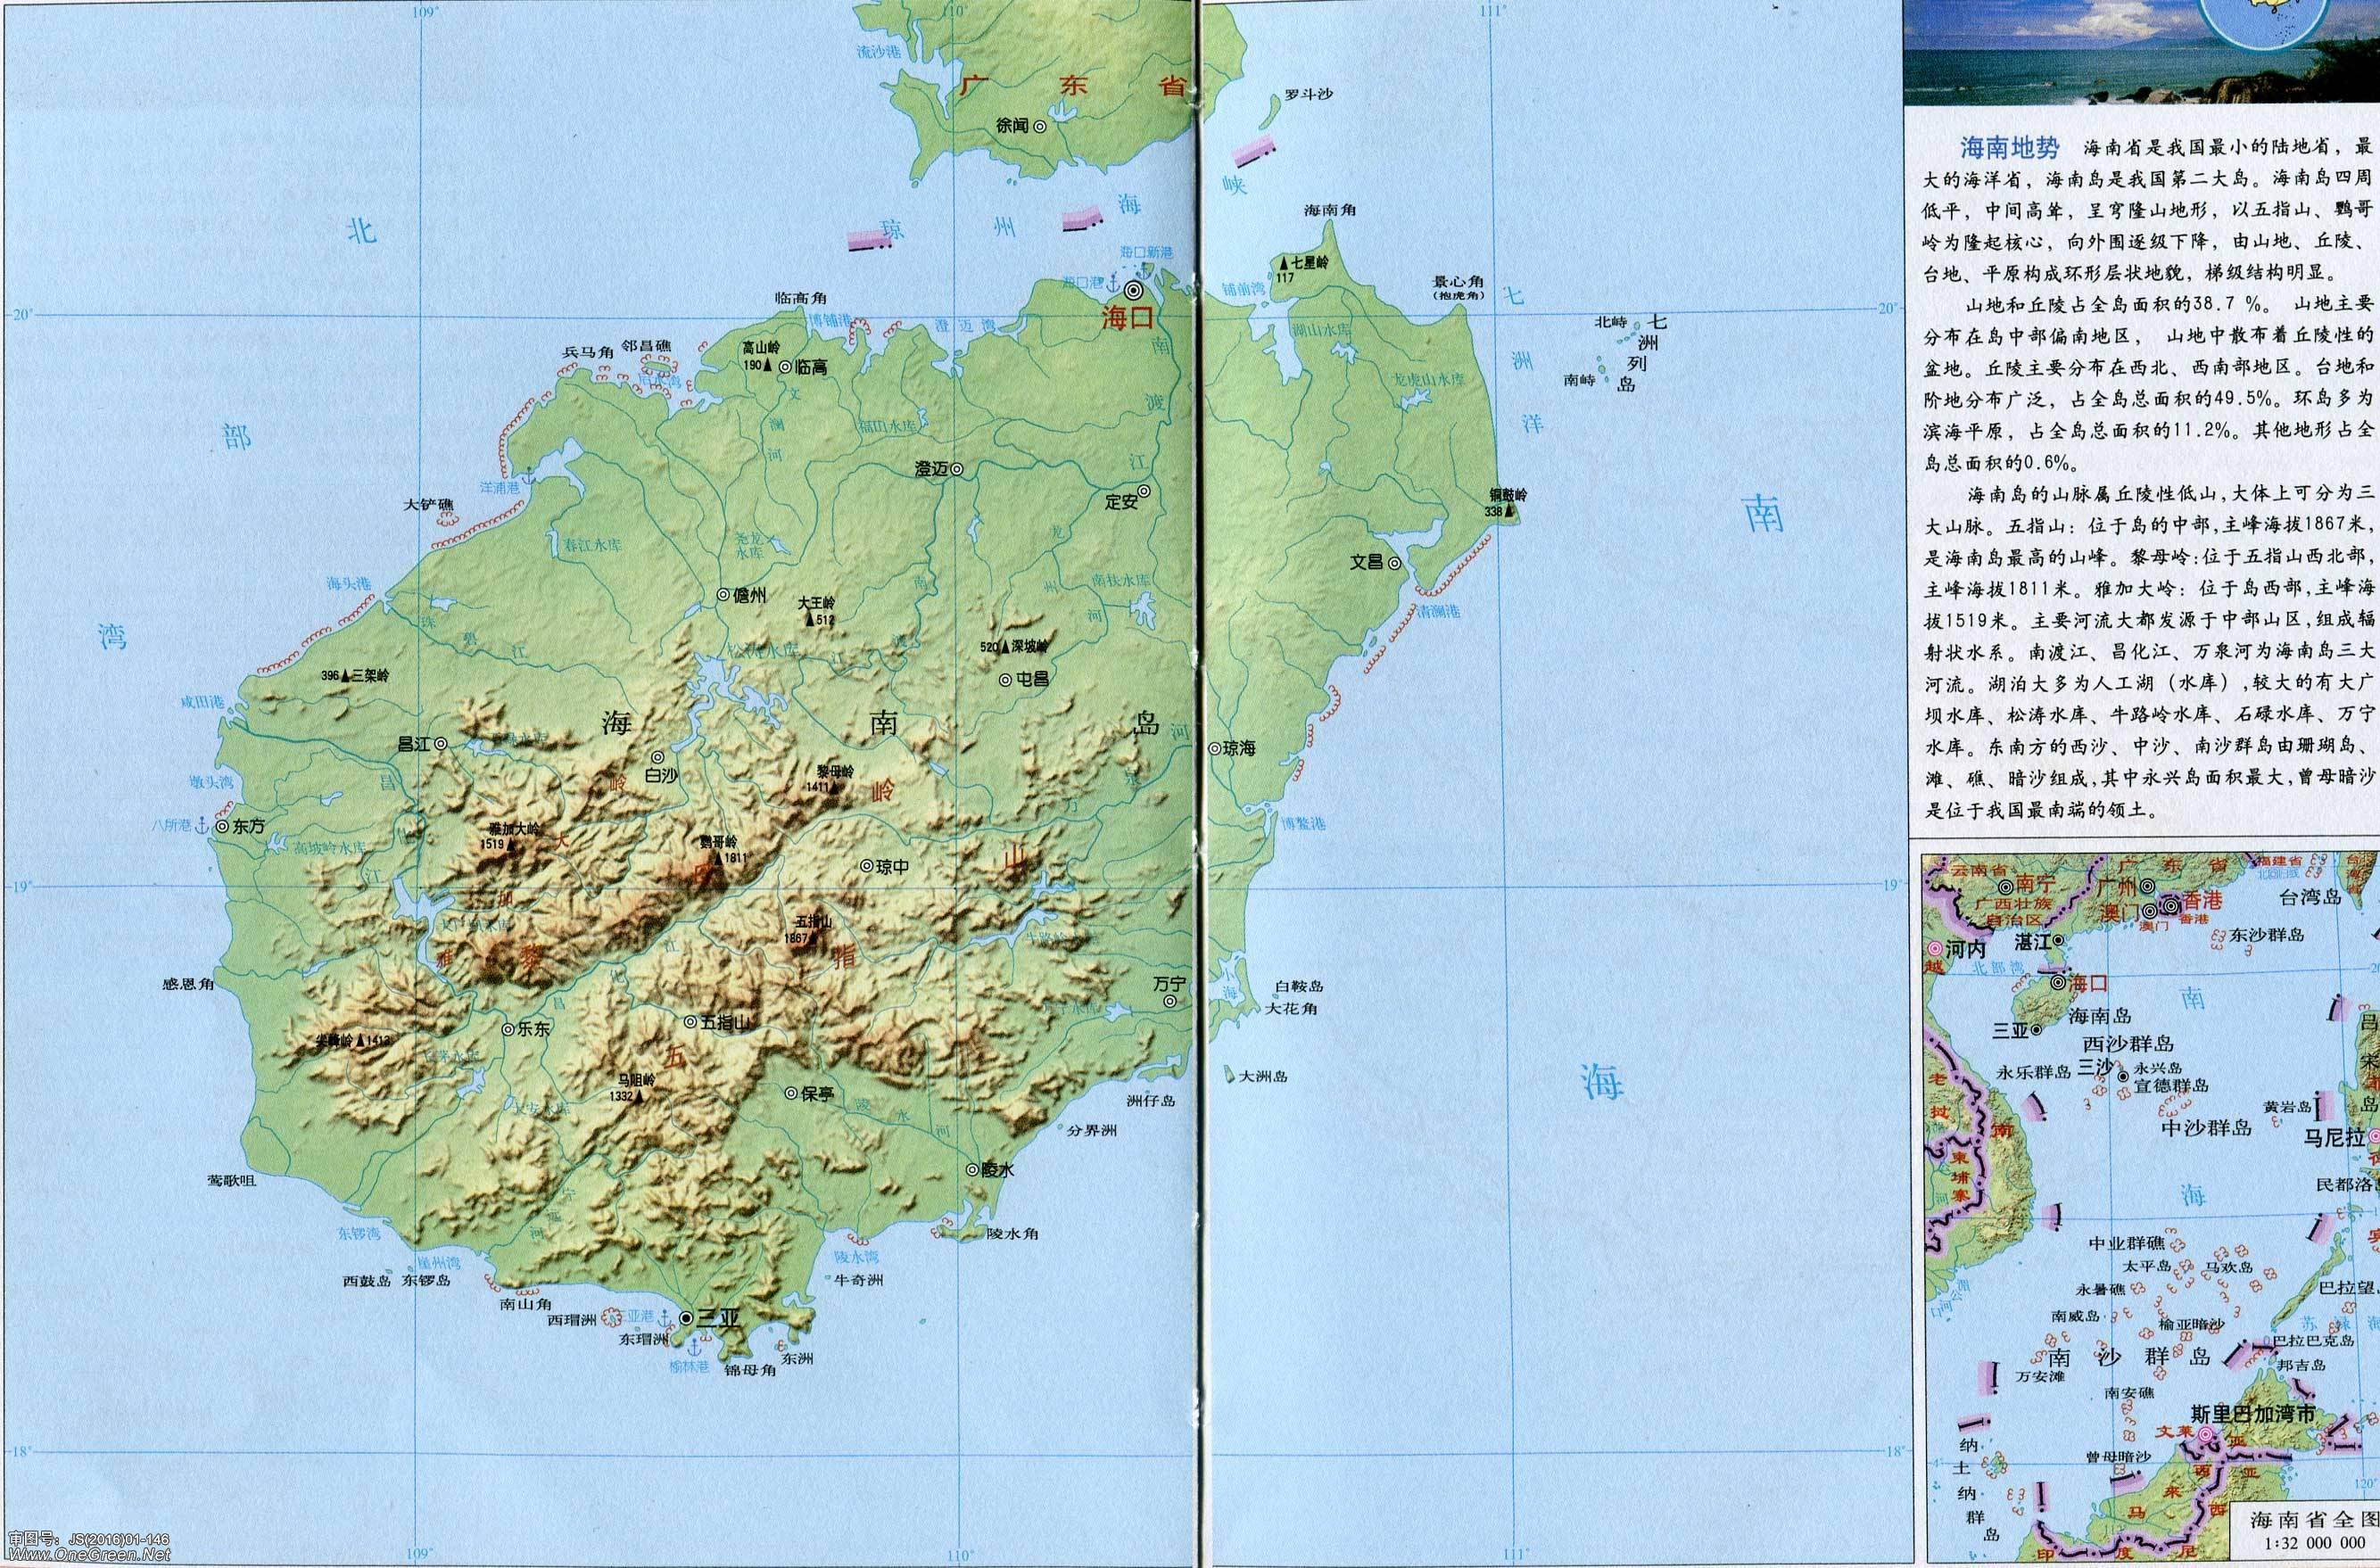 海南岛地形图